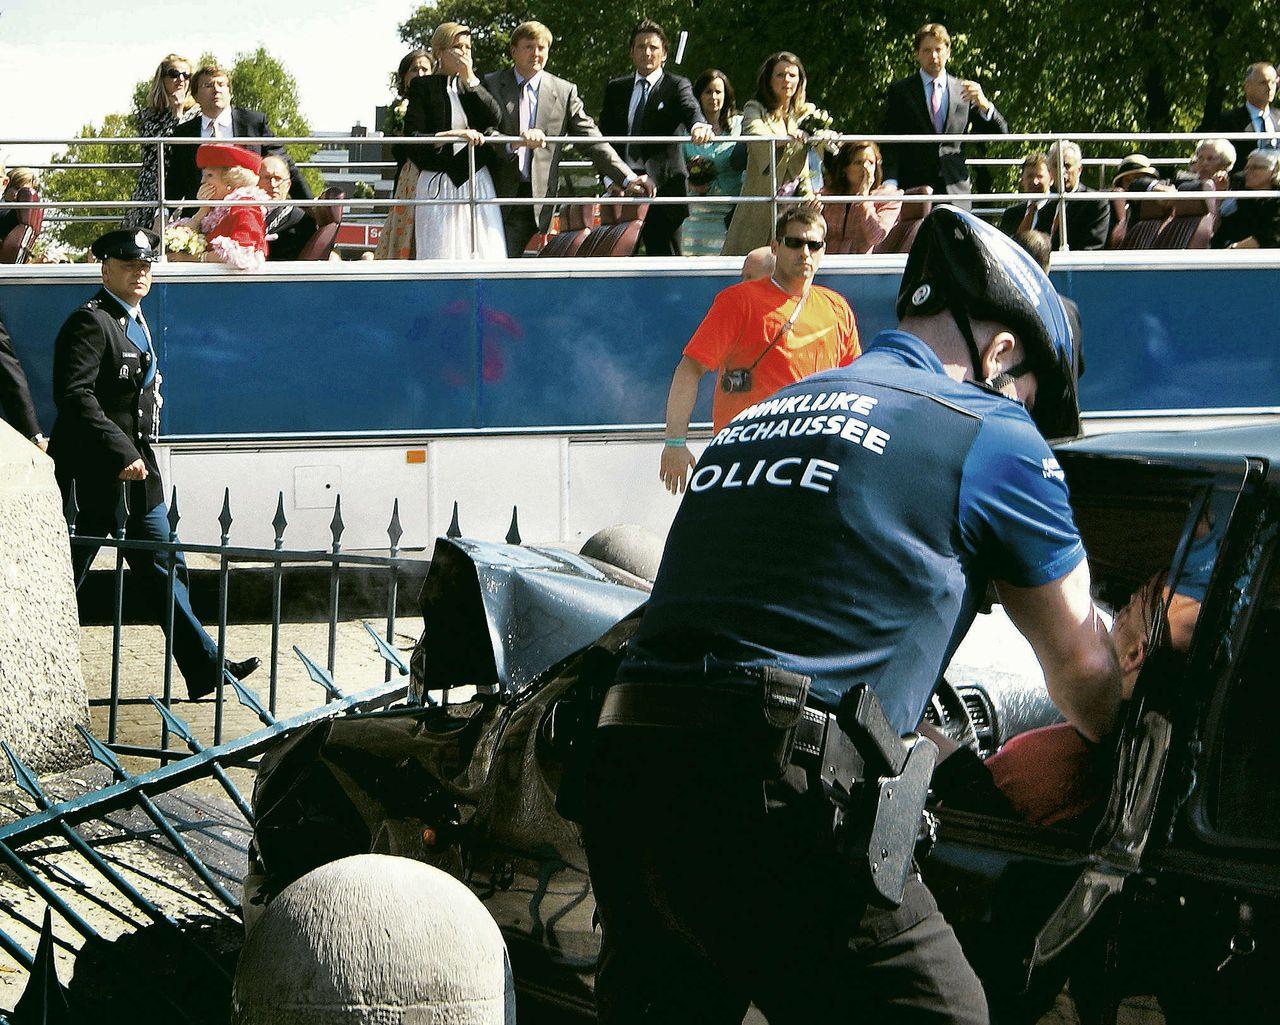 Een politieagent ontfermt zich over Karst T. na diens aanslag in Apeldoorn, Koninginnedag 2009. Op de achtergrond passeert de bus met de koninklijke familie.